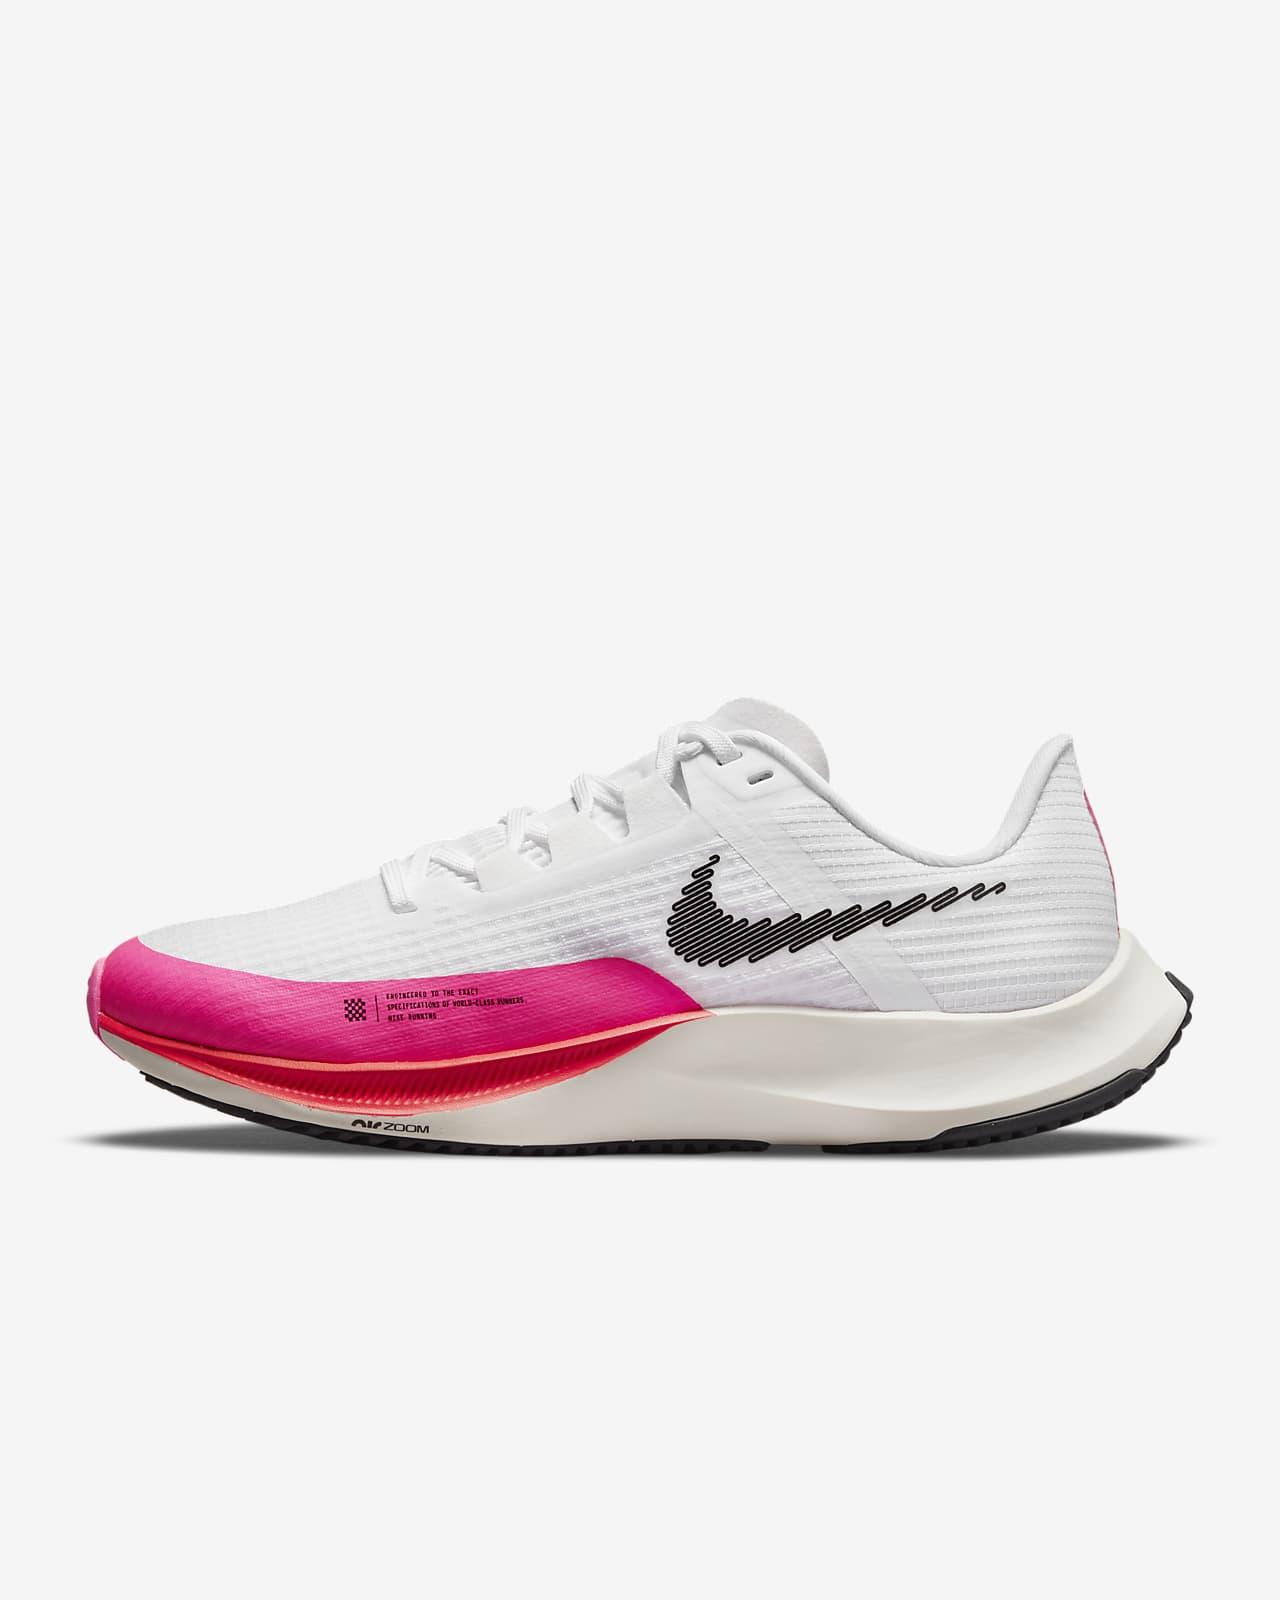 Chaussure de course sur route Nike Air Zoom Rival Fly3 pour Femme